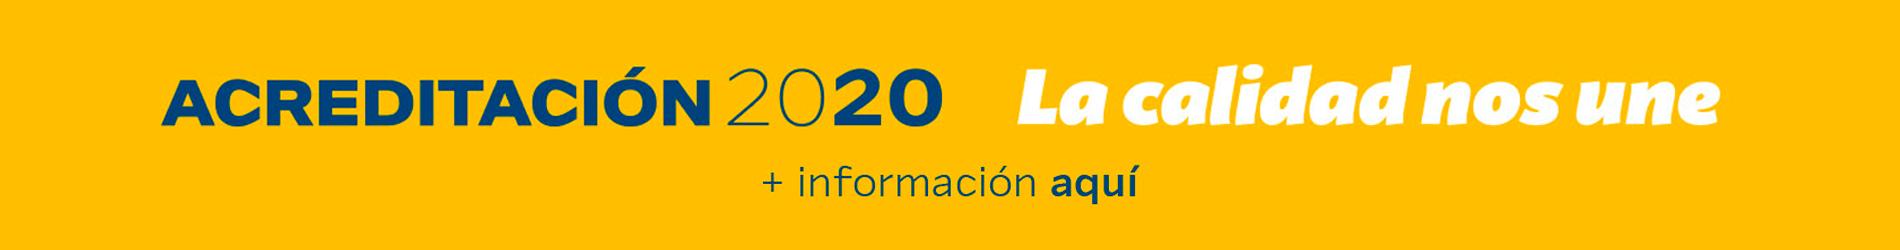 acreditacion_2020